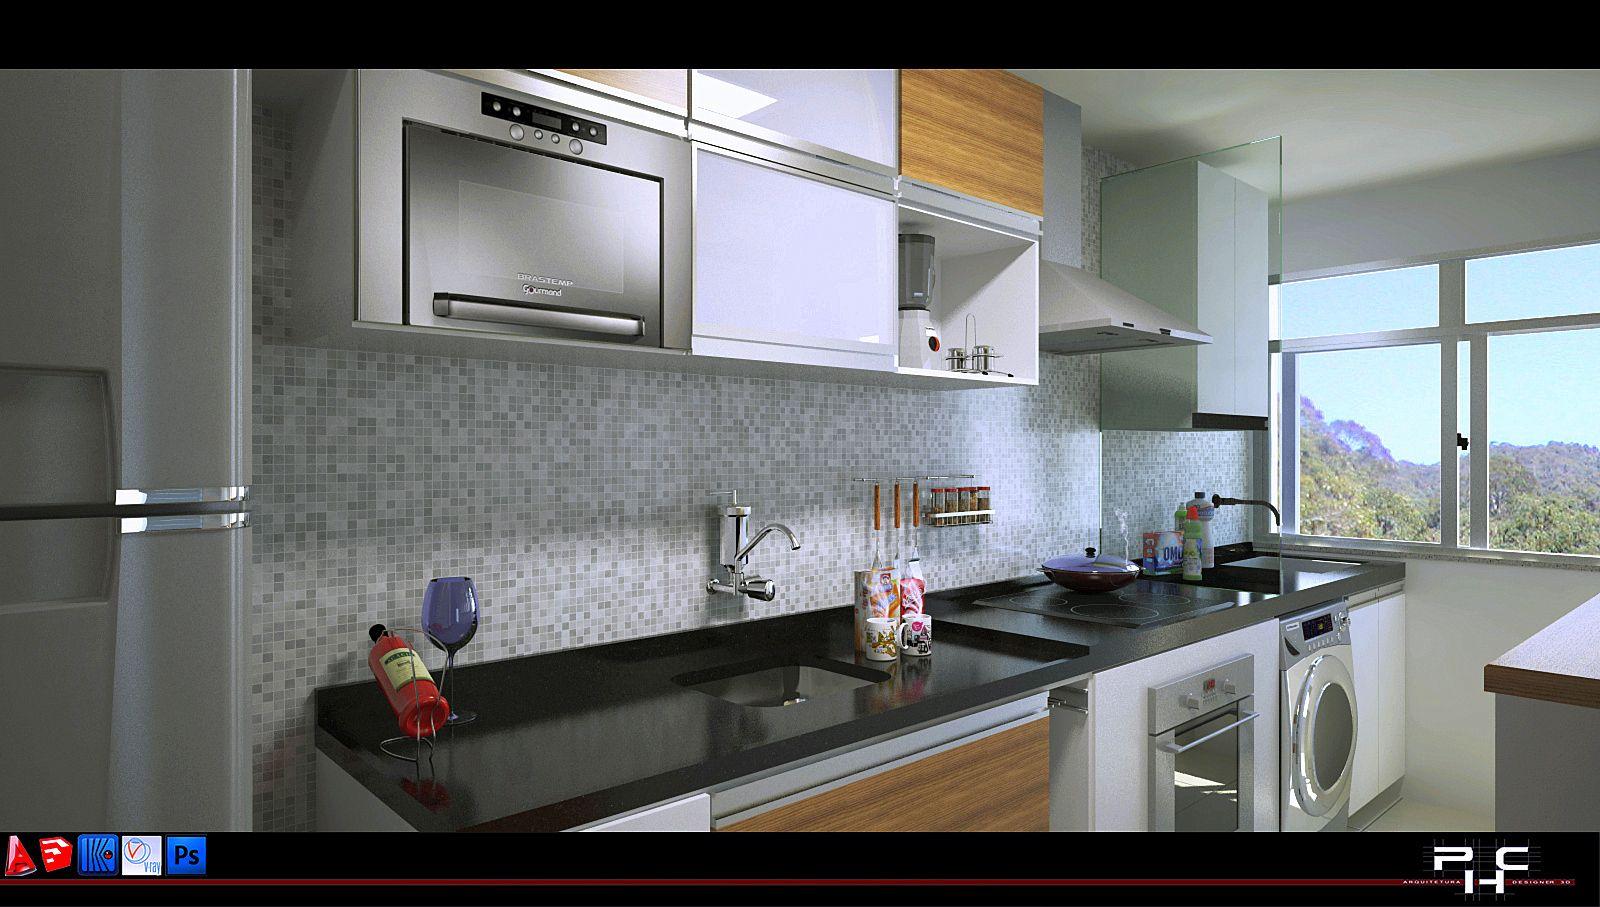 cozinha pequena corredor - Pesquisa Google Decora??o ...